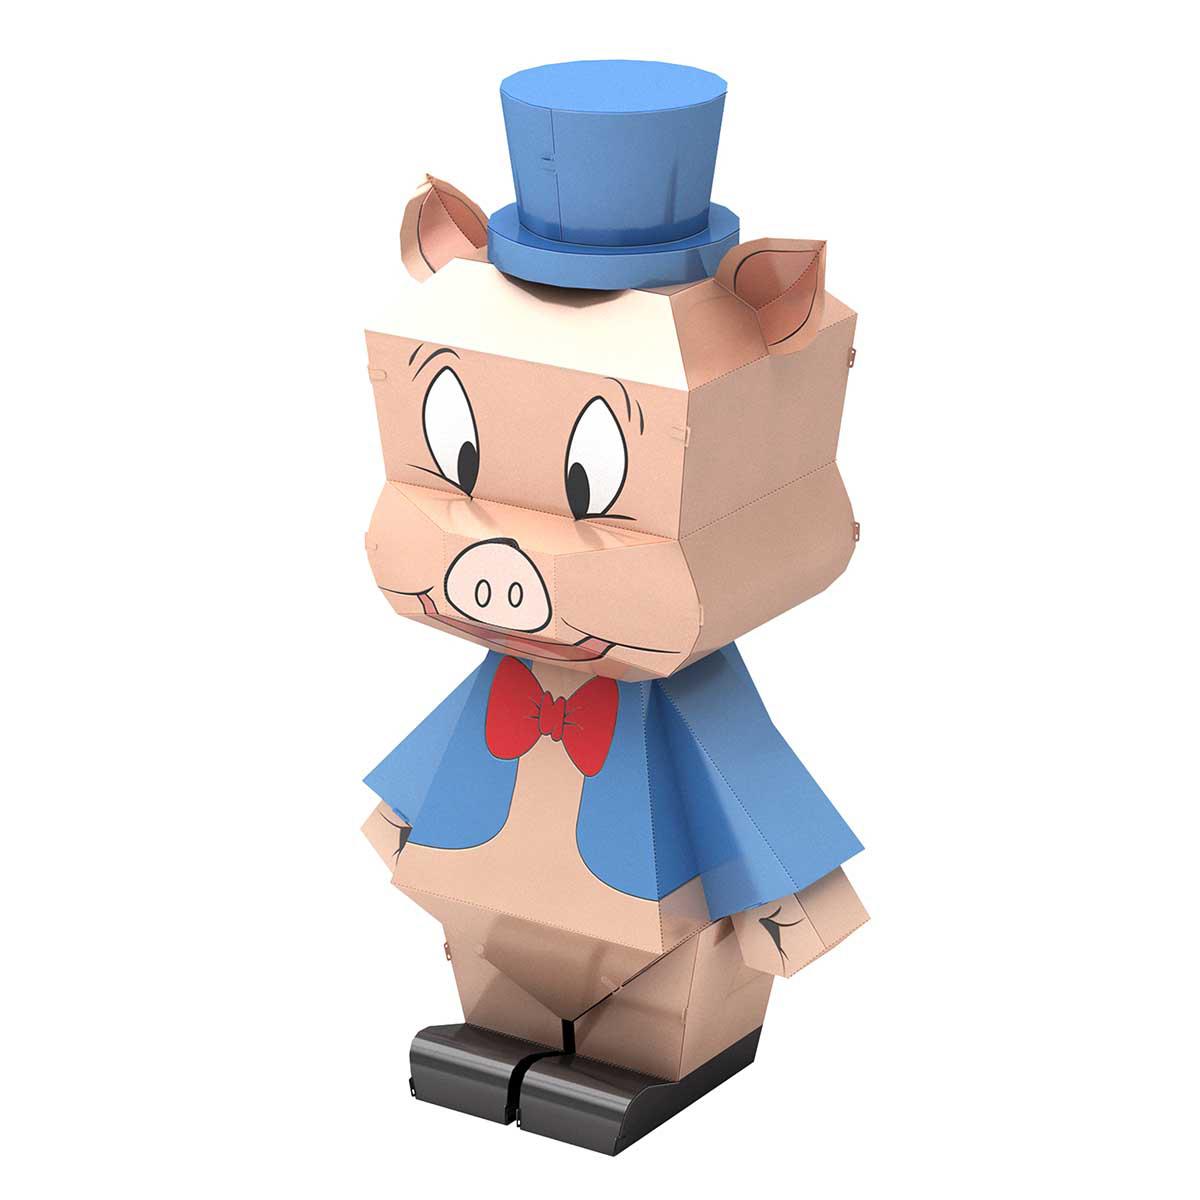 Porky Pig Cartoons 3D Puzzle